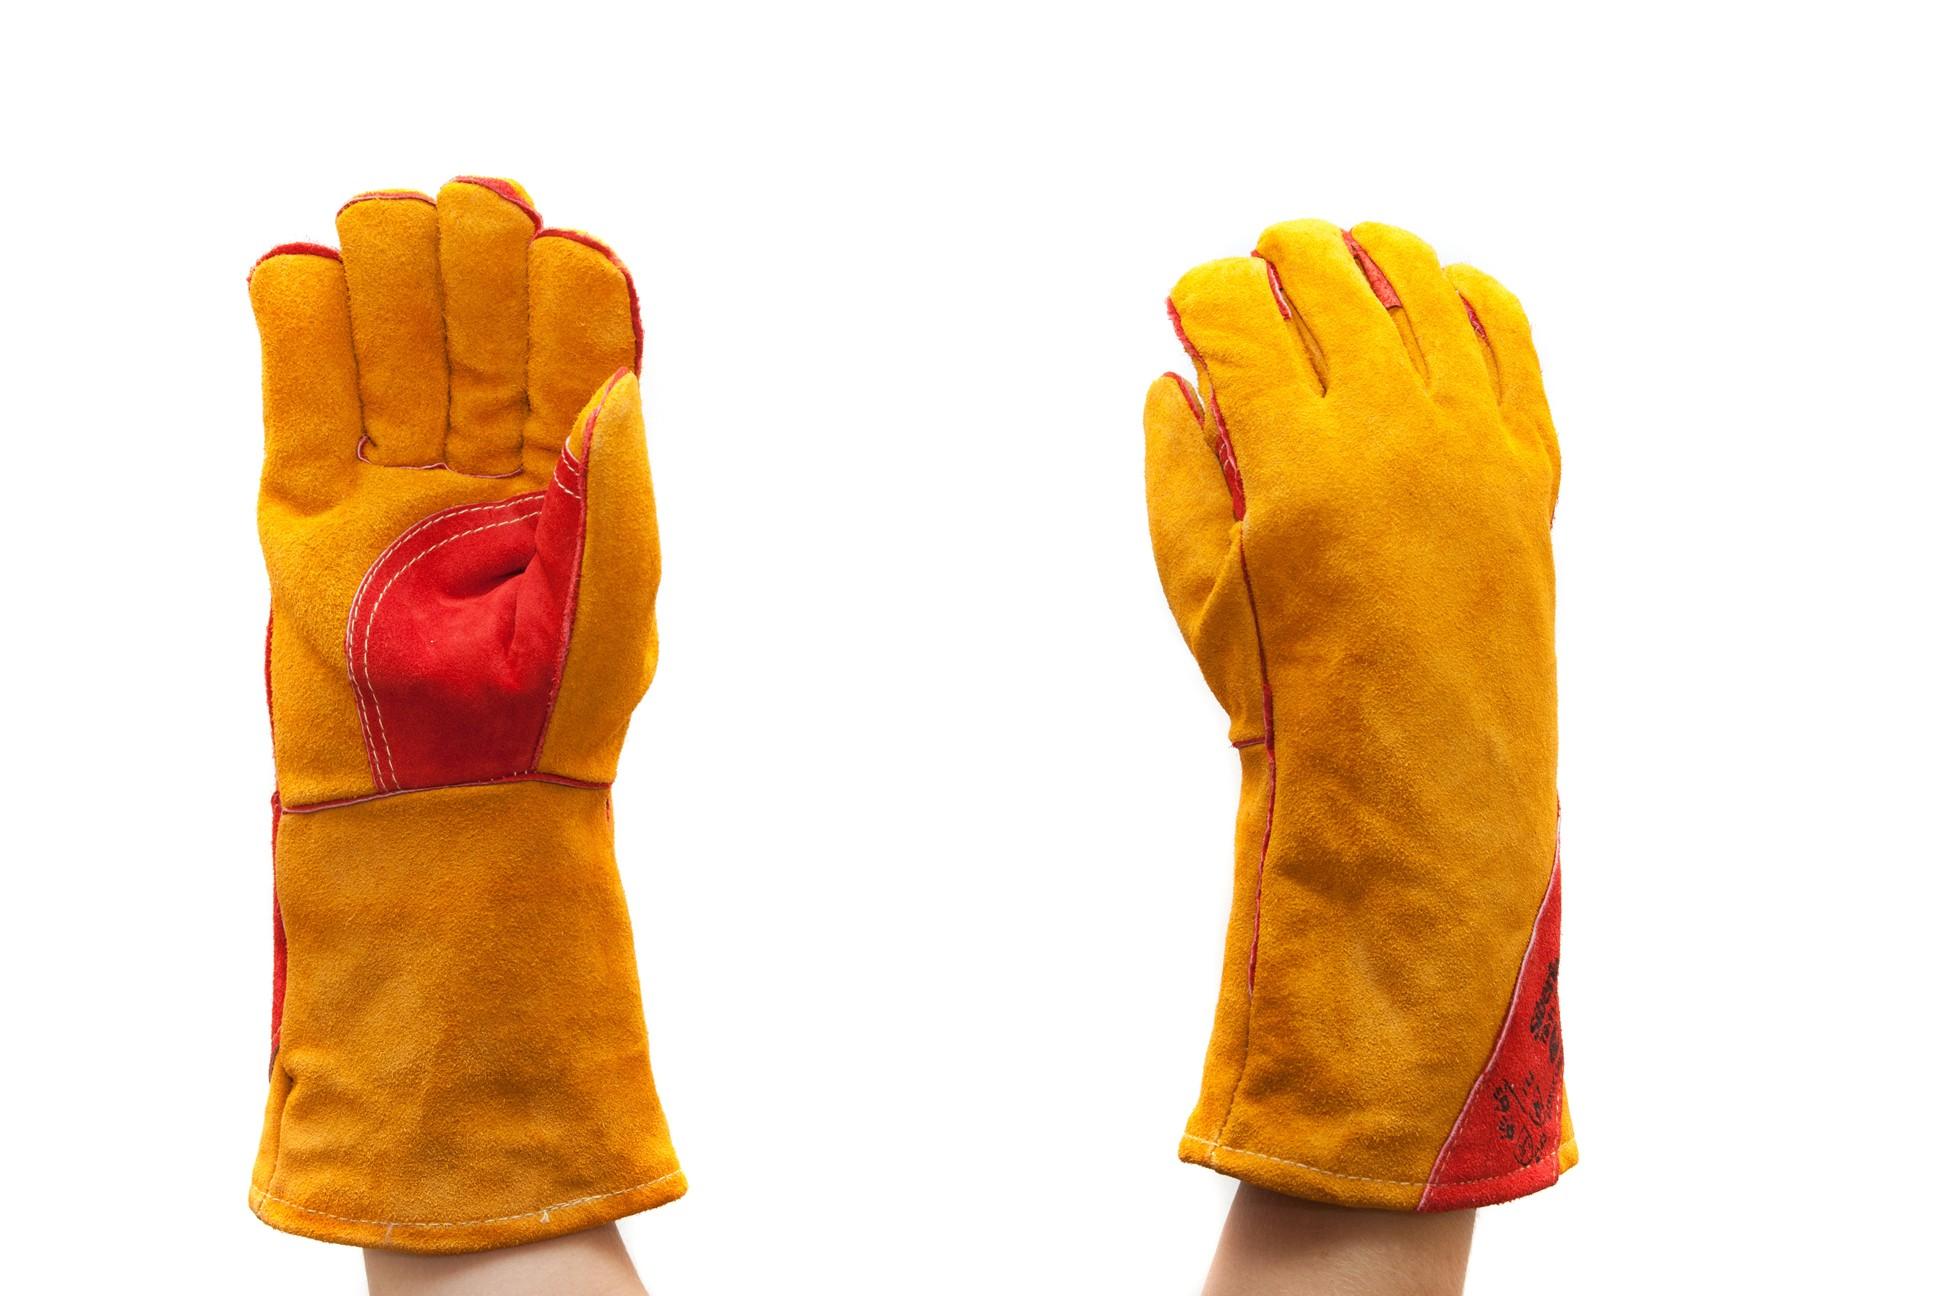 Équipement de protection individuelle pour Mains